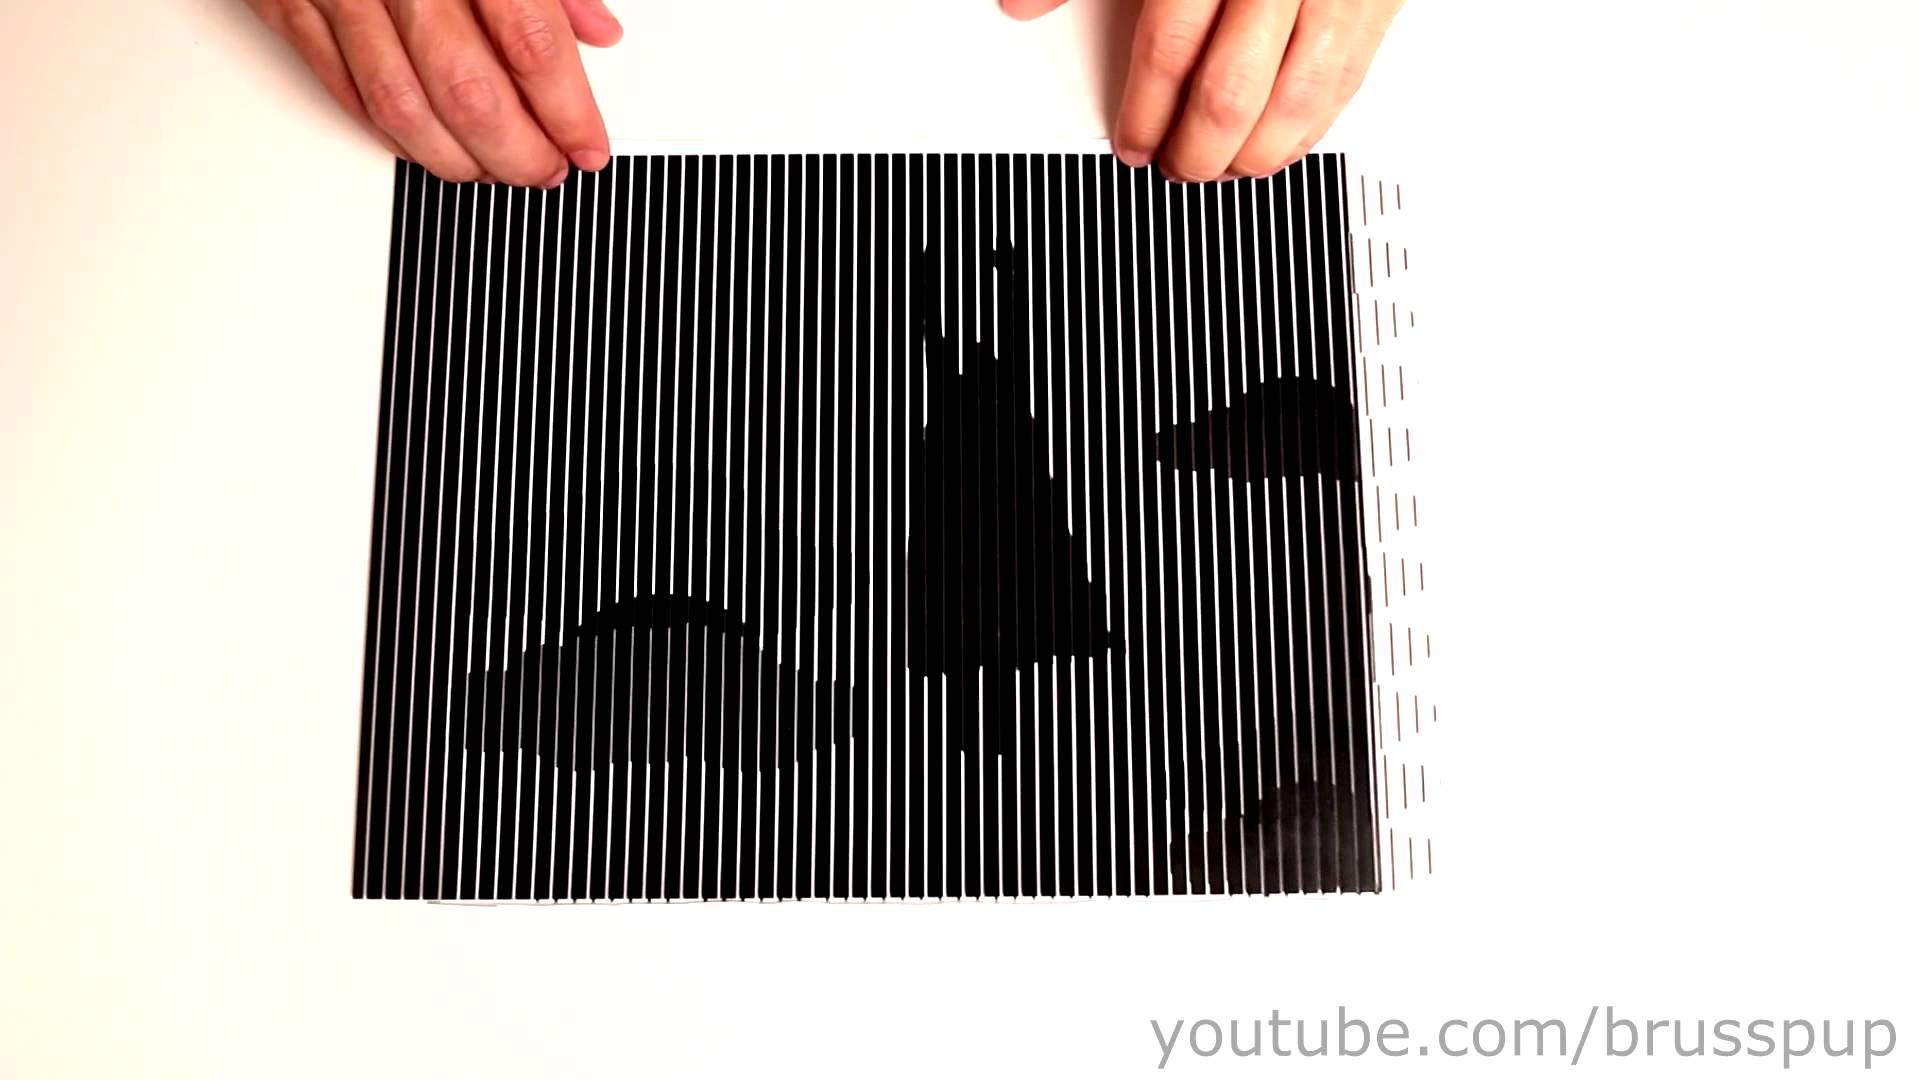 模様を組み合わせると動いて見える錯視動画